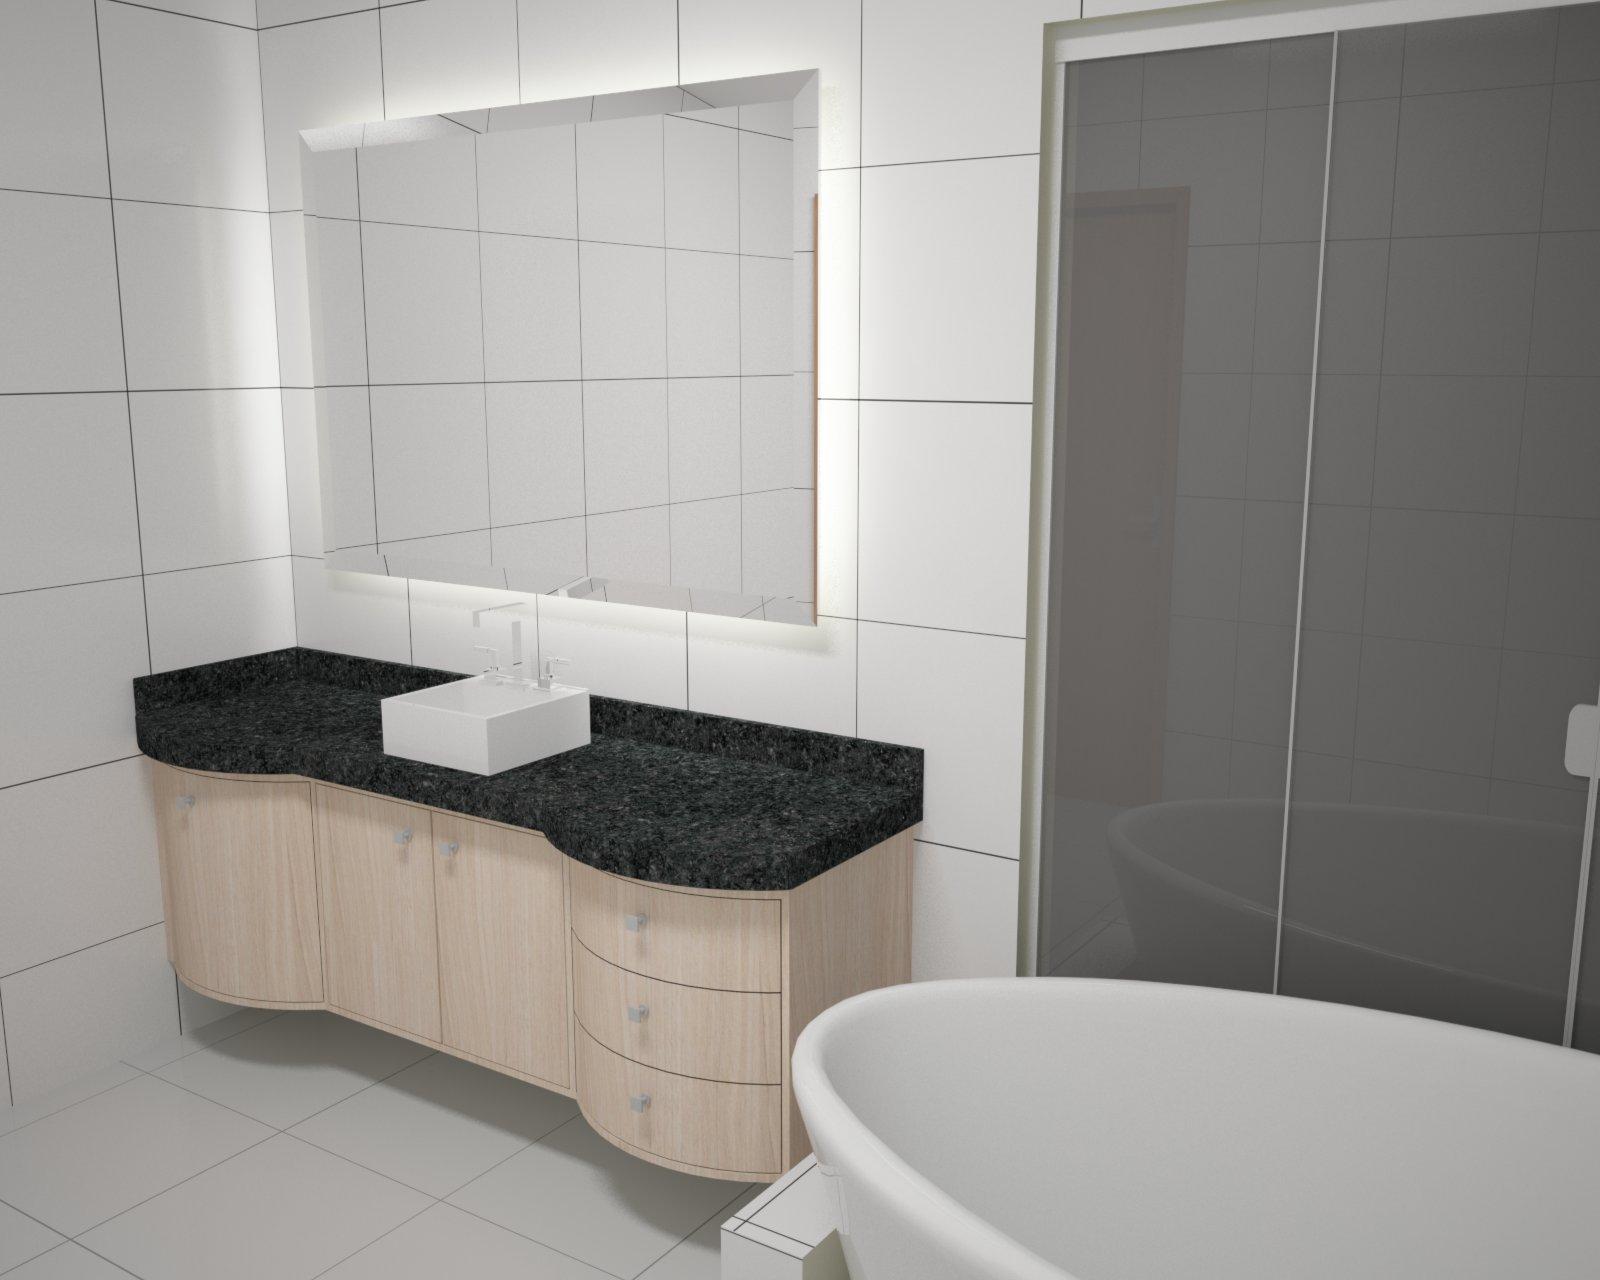 Projetos De Banheiros E Lavabos – Banheiro Decorado Tendo O Vidro  #736658 1600 1280